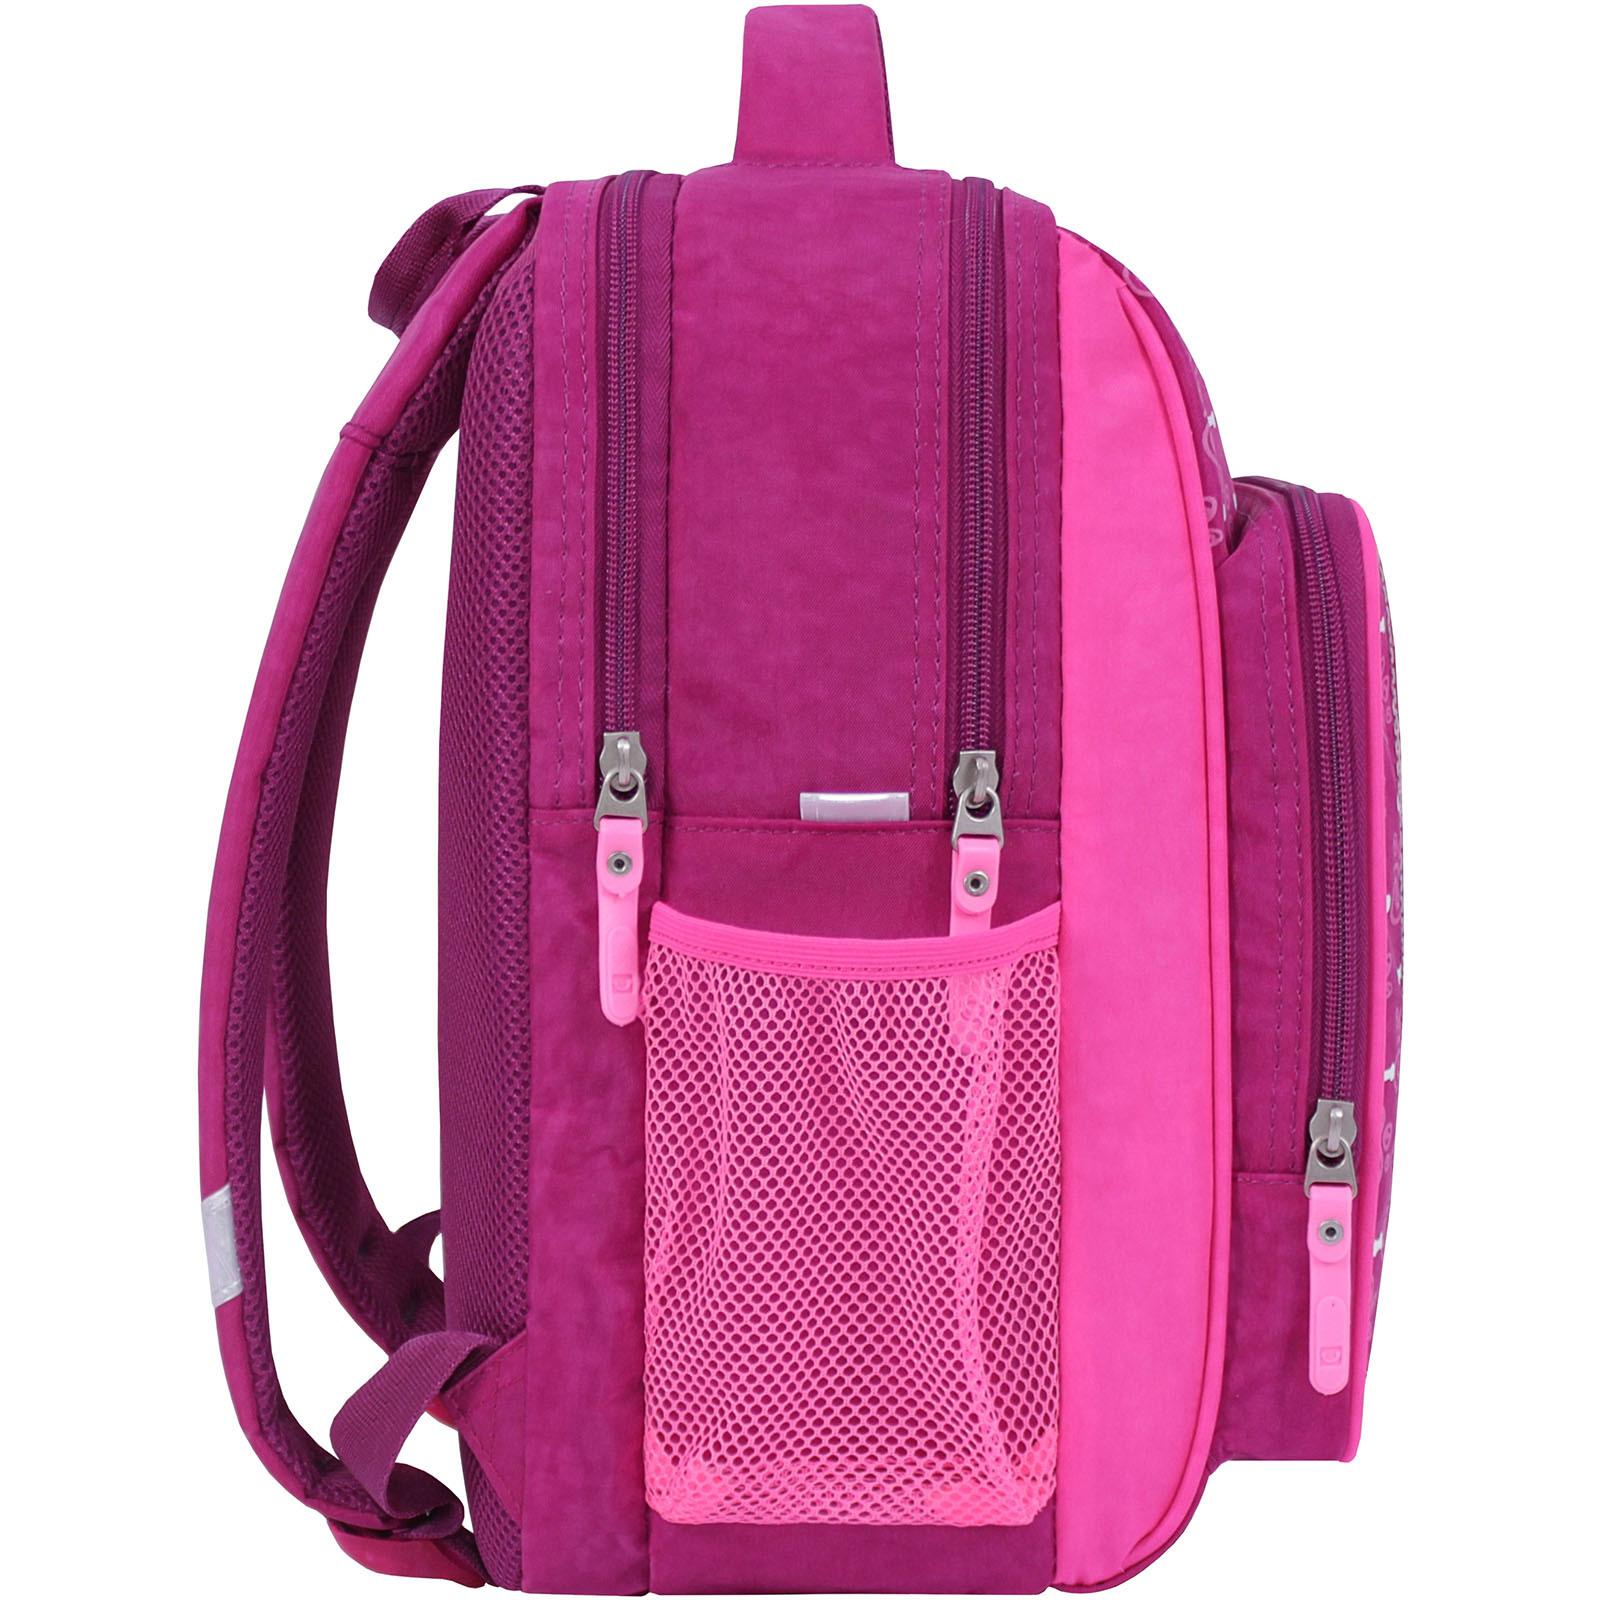 Рюкзак школьный Bagland Школьник 8 л. 143 малиновый 504 (0012870) фото 2